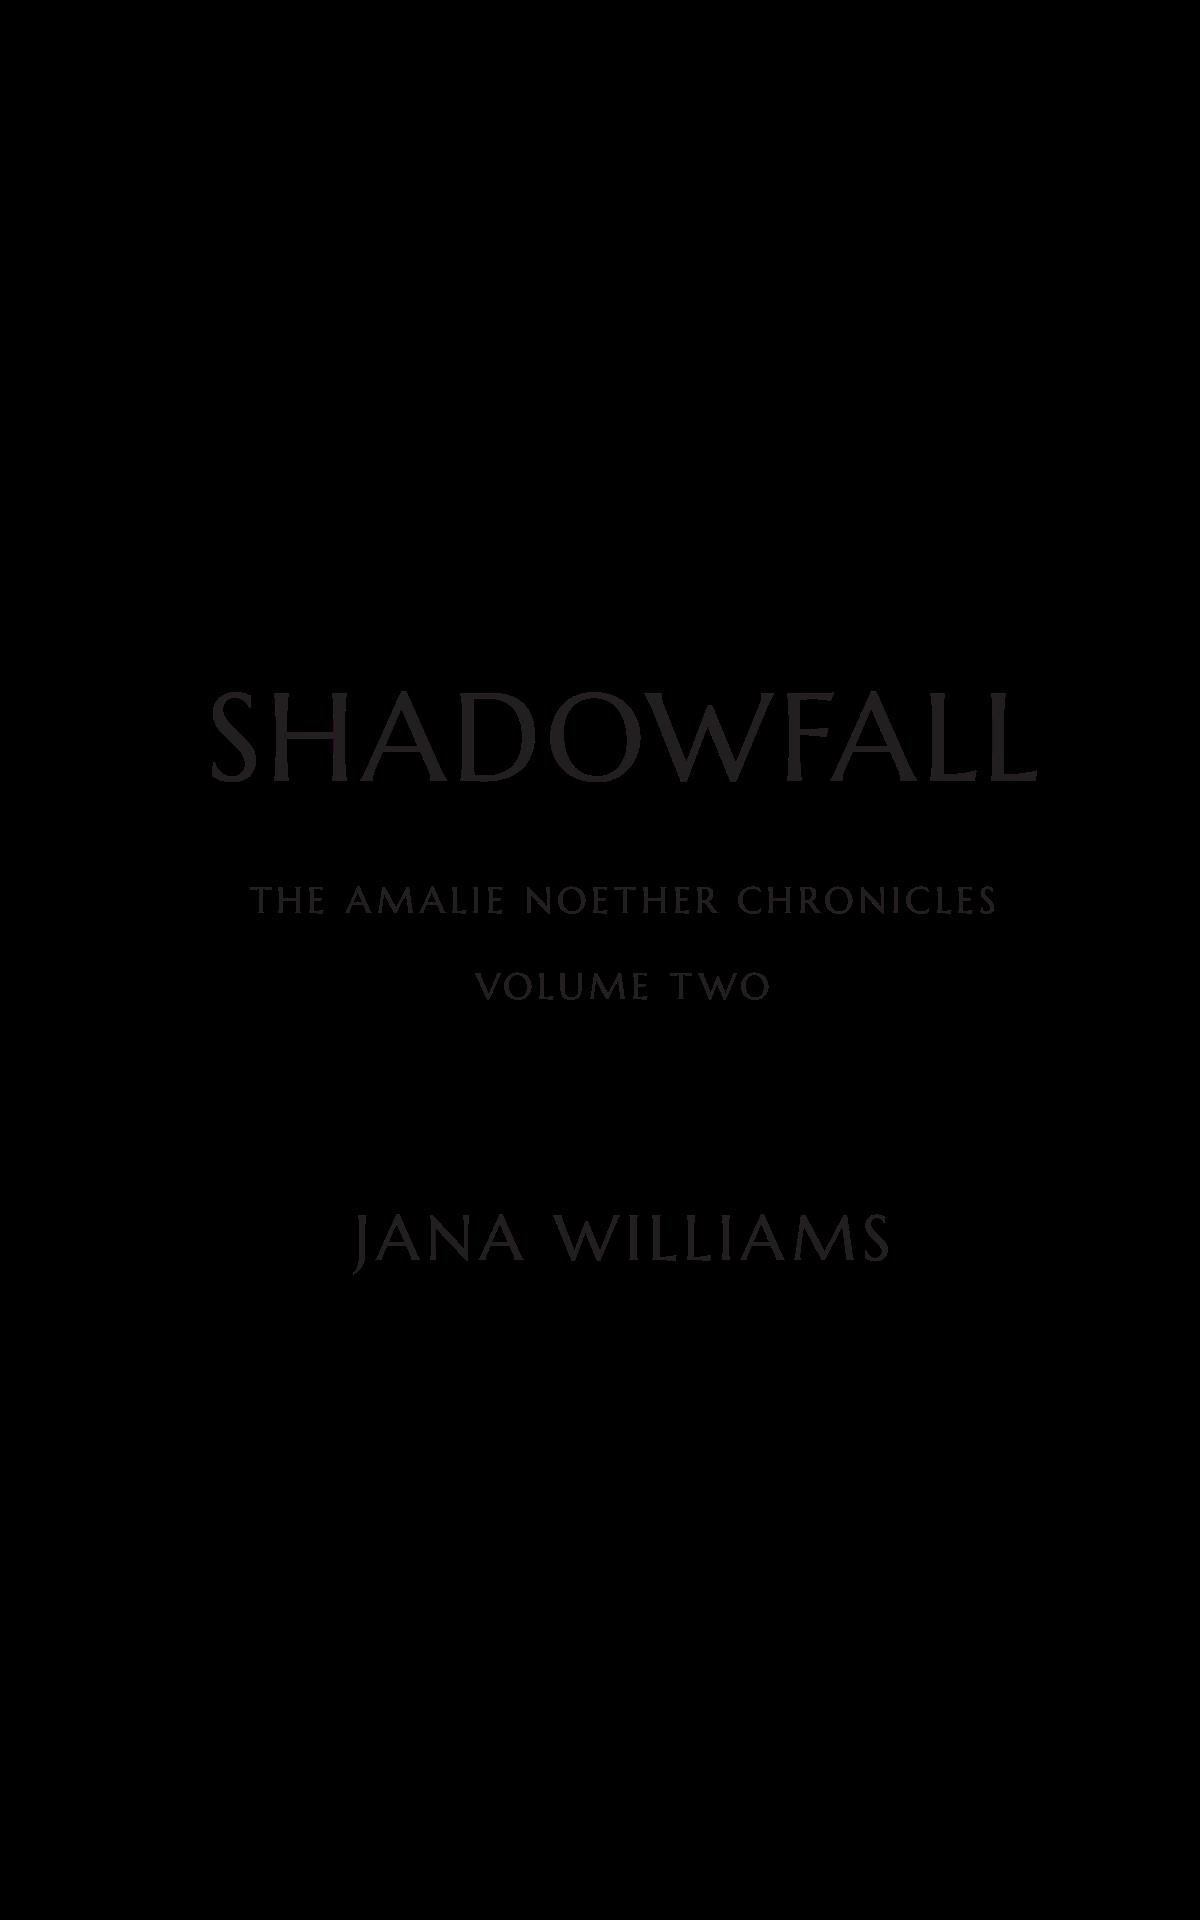 SHADOWFALL a novel